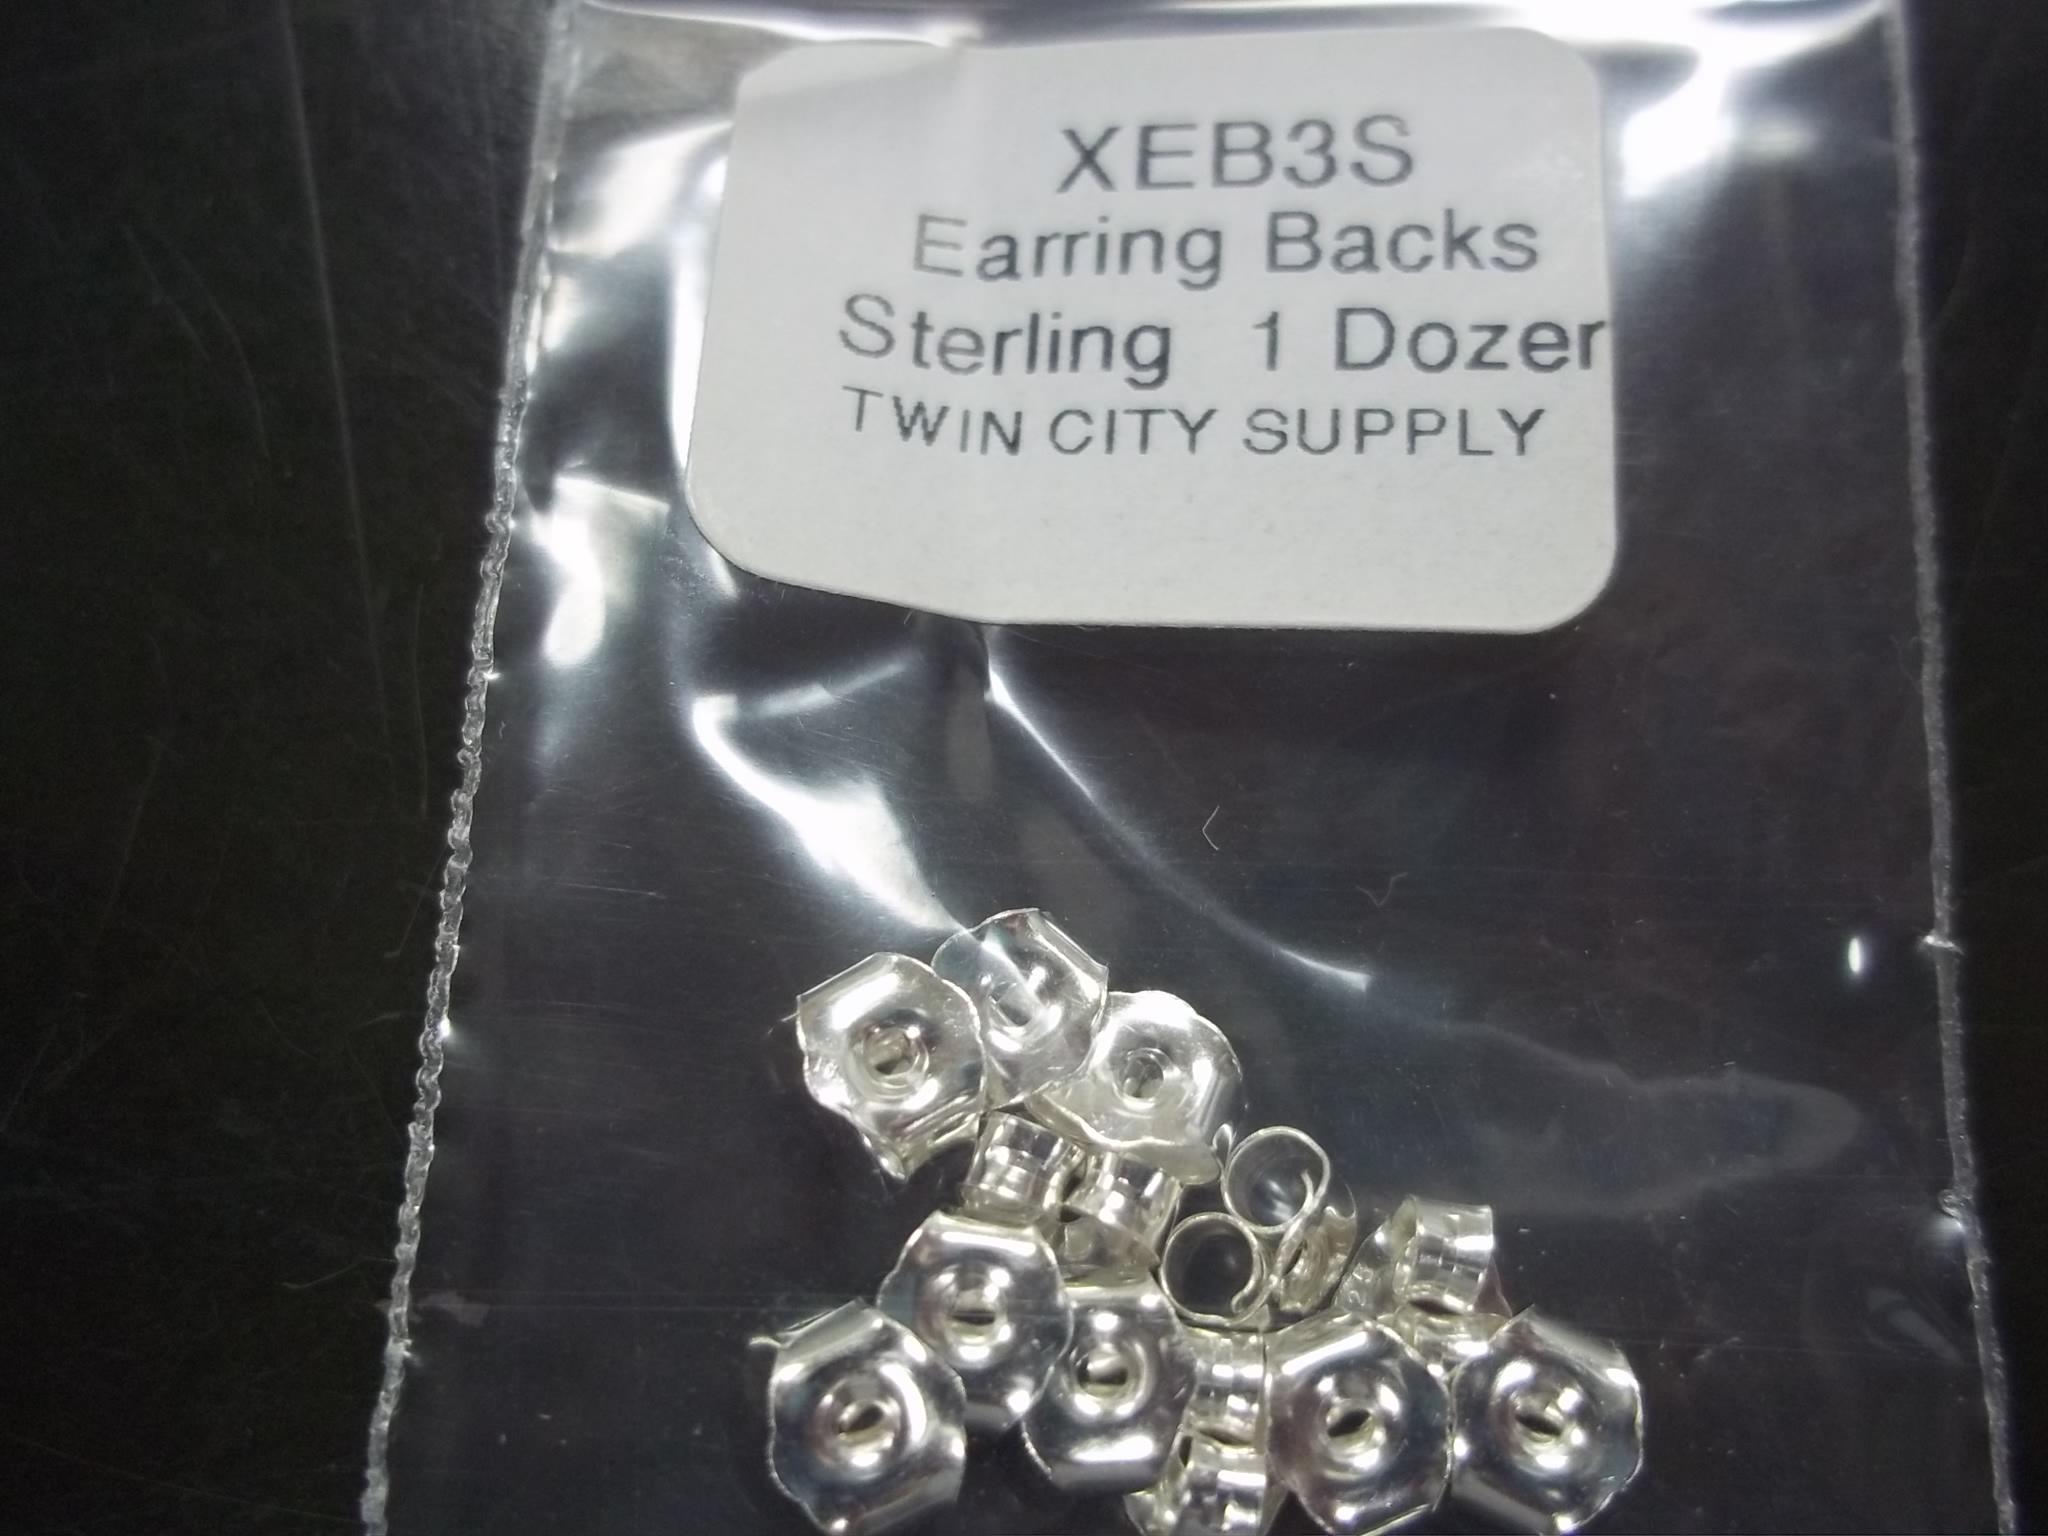 EB3S-Earring Backs--Sterling 1 dz pkg Medium Weight